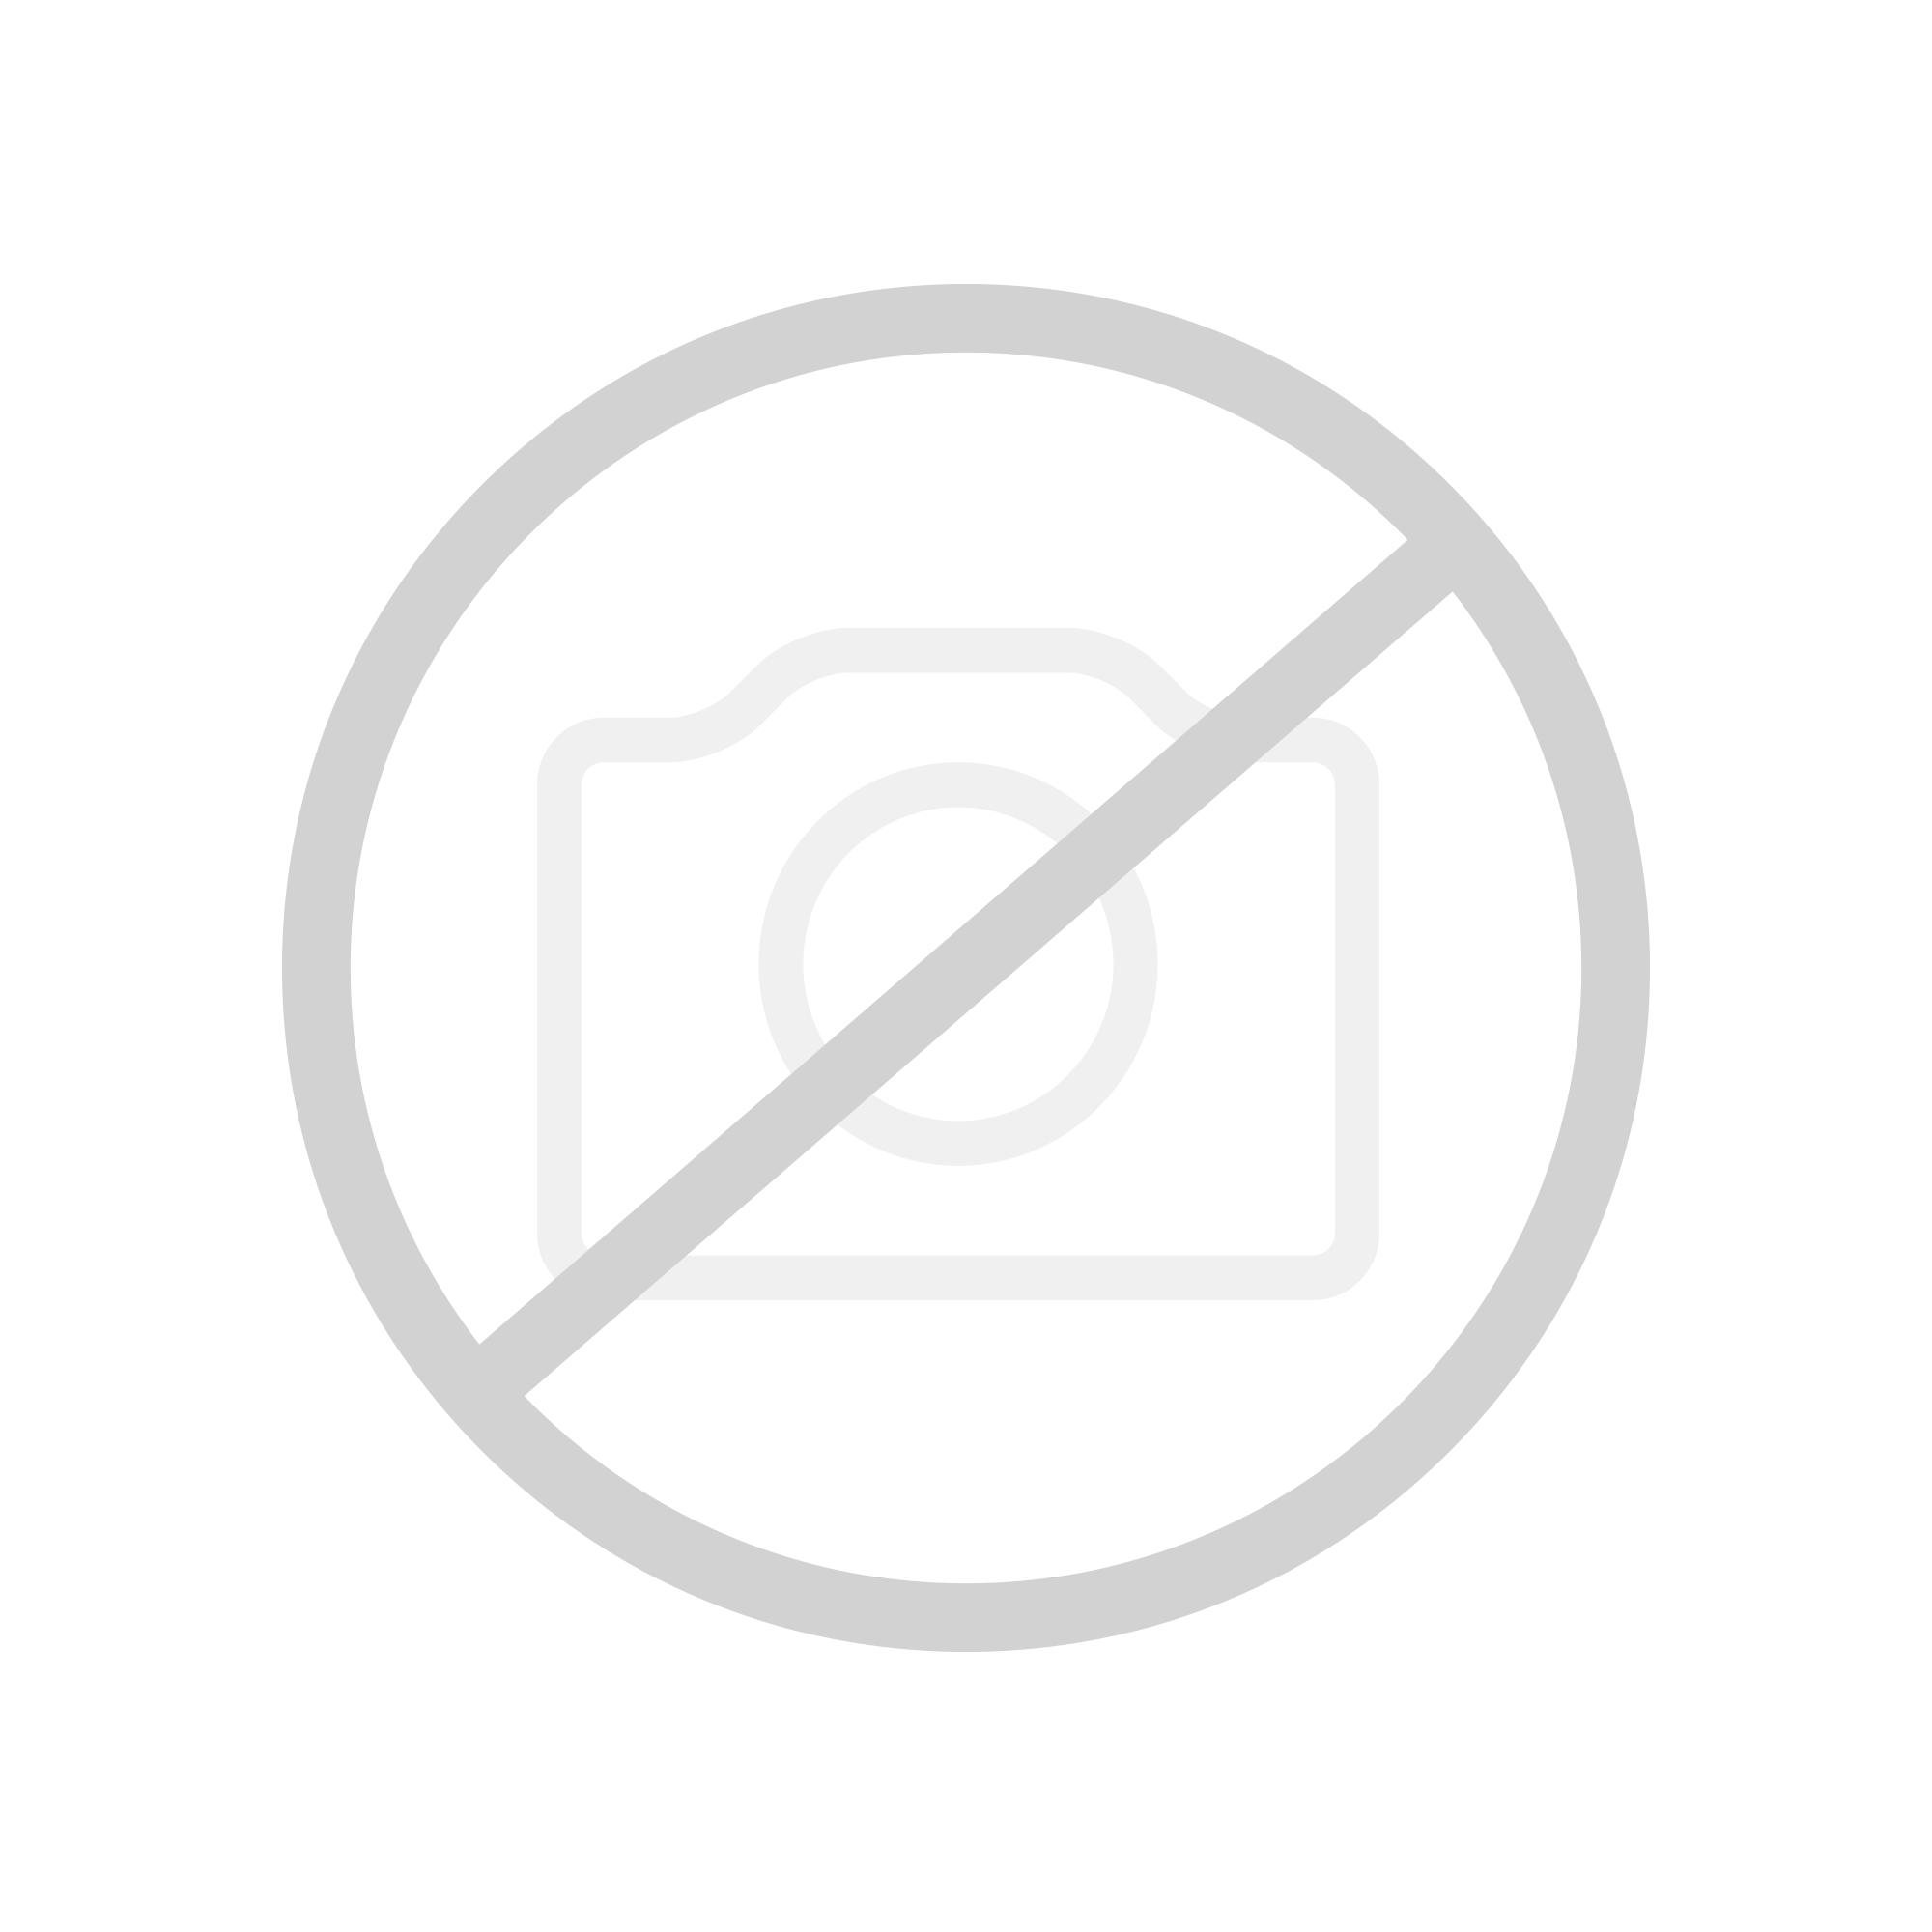 riho badewanne duschwanne und whirlpool online bestellen. Black Bedroom Furniture Sets. Home Design Ideas